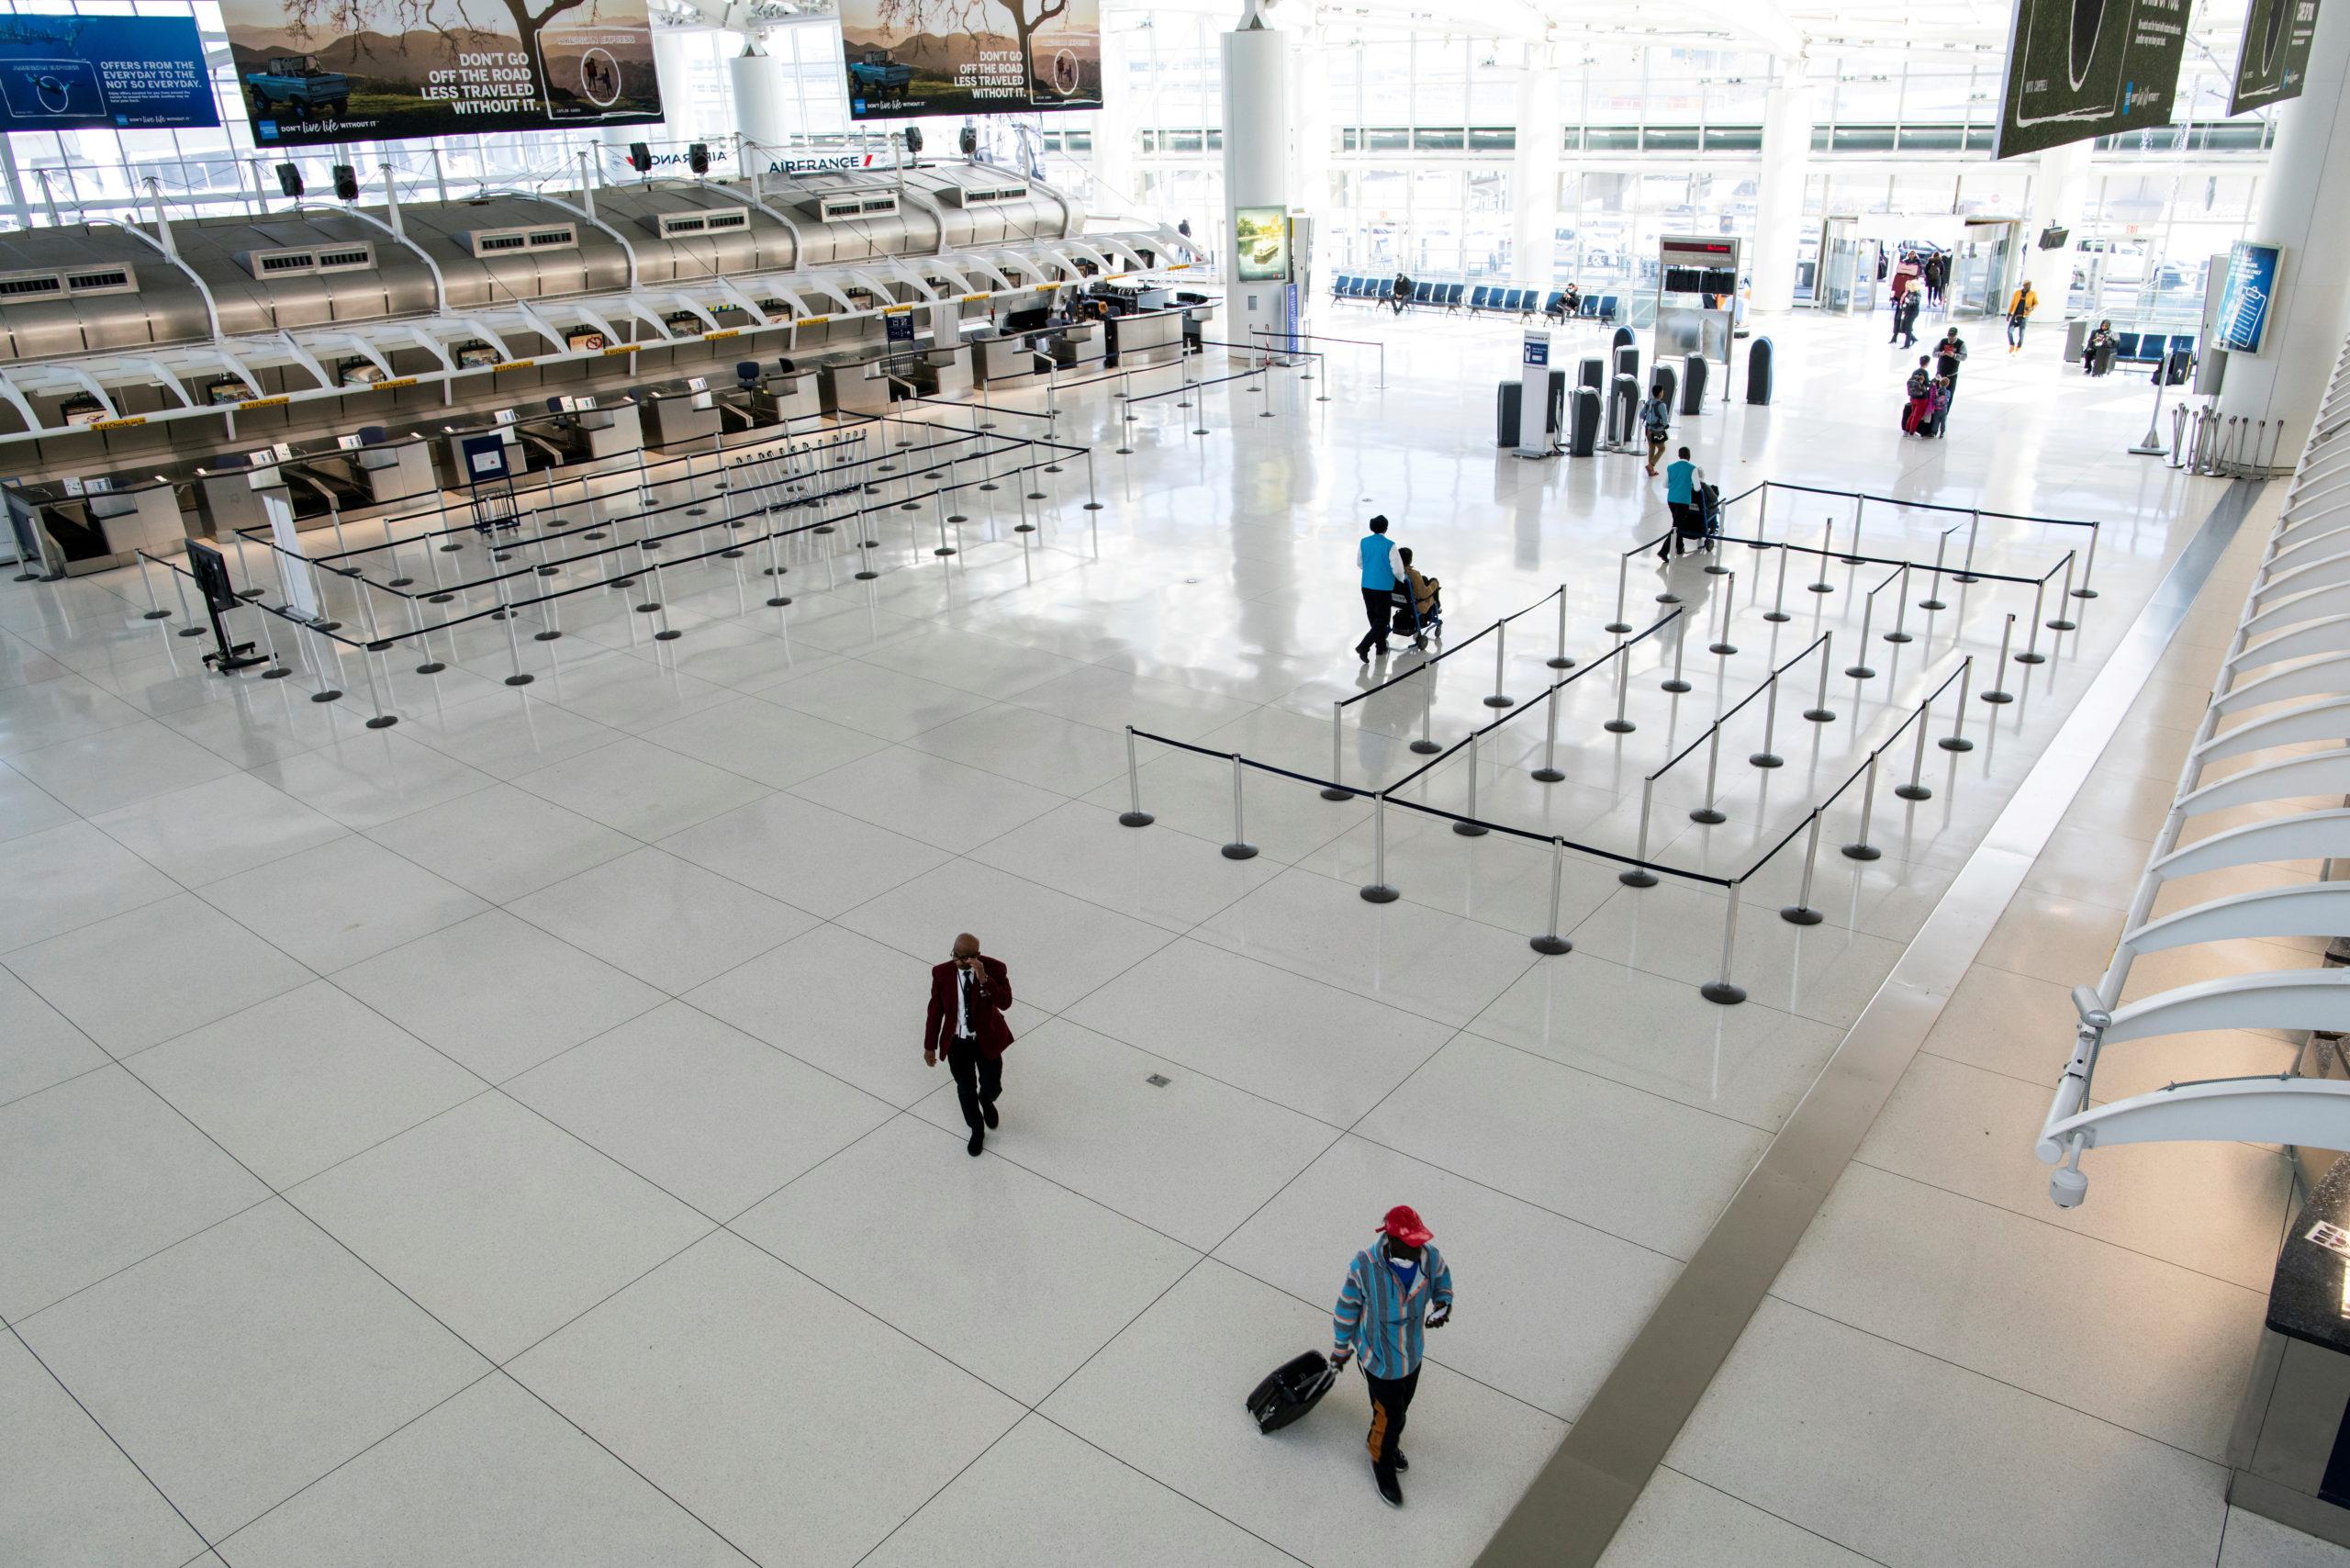 Covid-19: Les Etats-Unis vont mettre fin aux contrôles renforcés de certains voyageurs